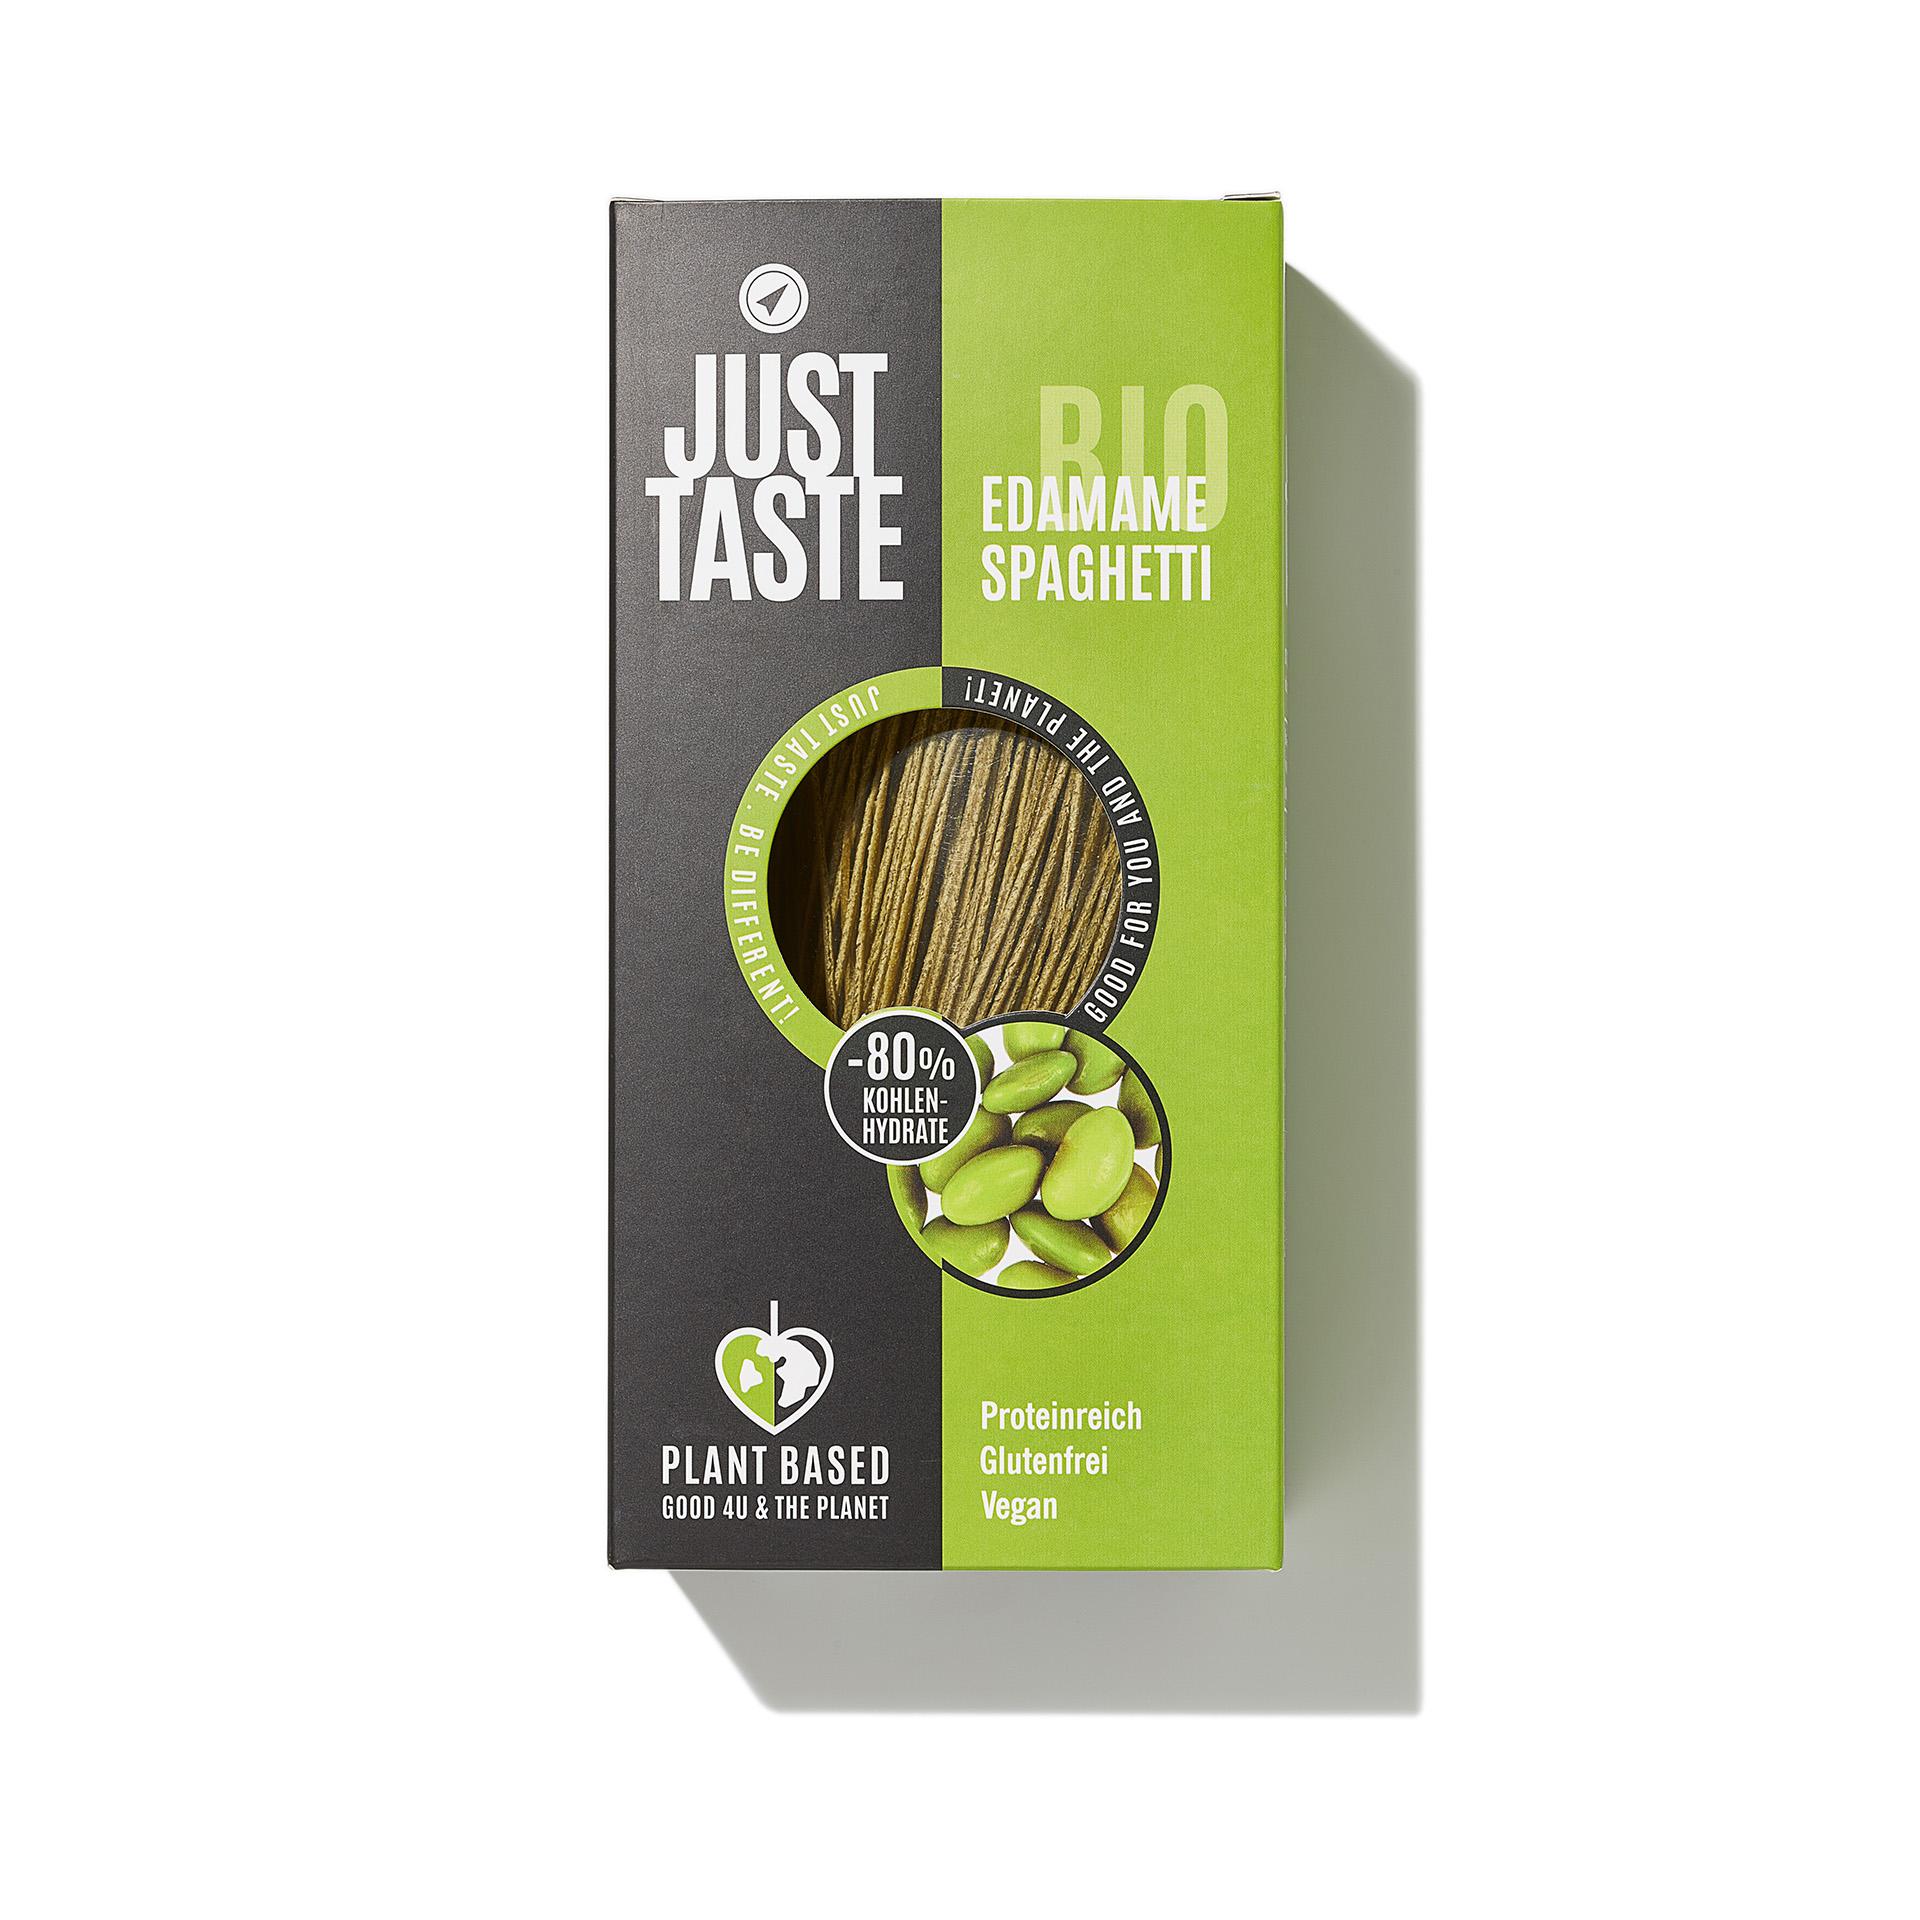 Just Taste Organic Edamame Spaghetti